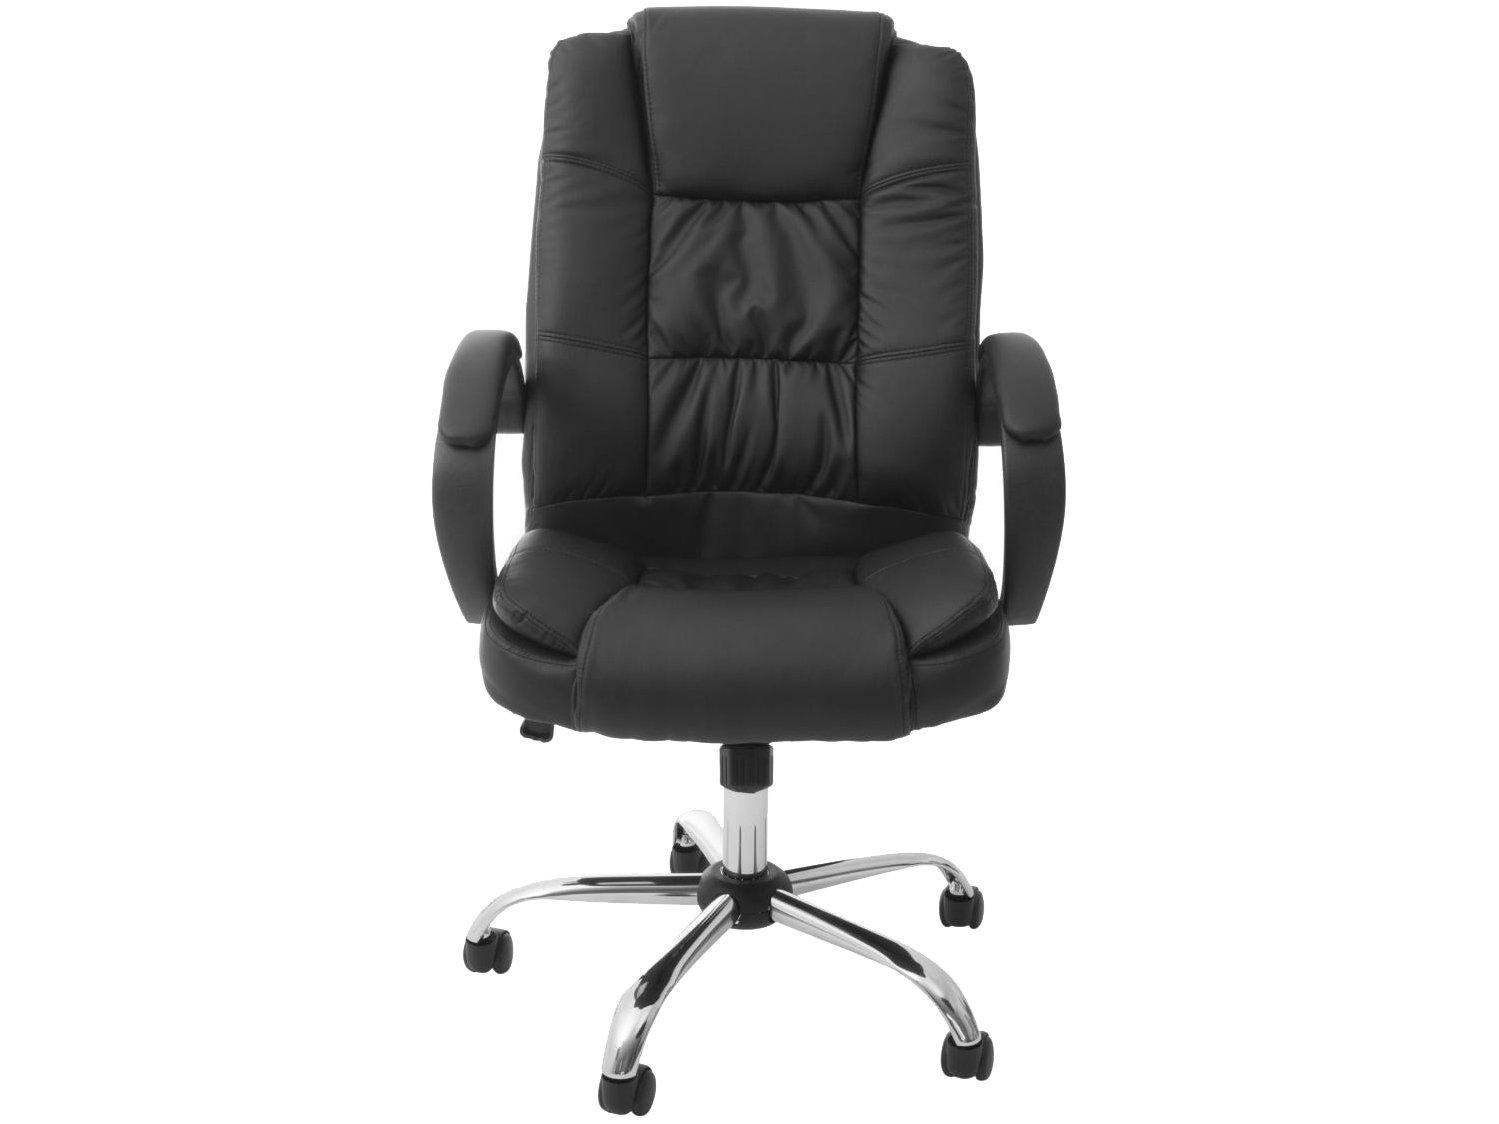 Cadeira de Escritório Presidente - Giratória PRE-002 Nell